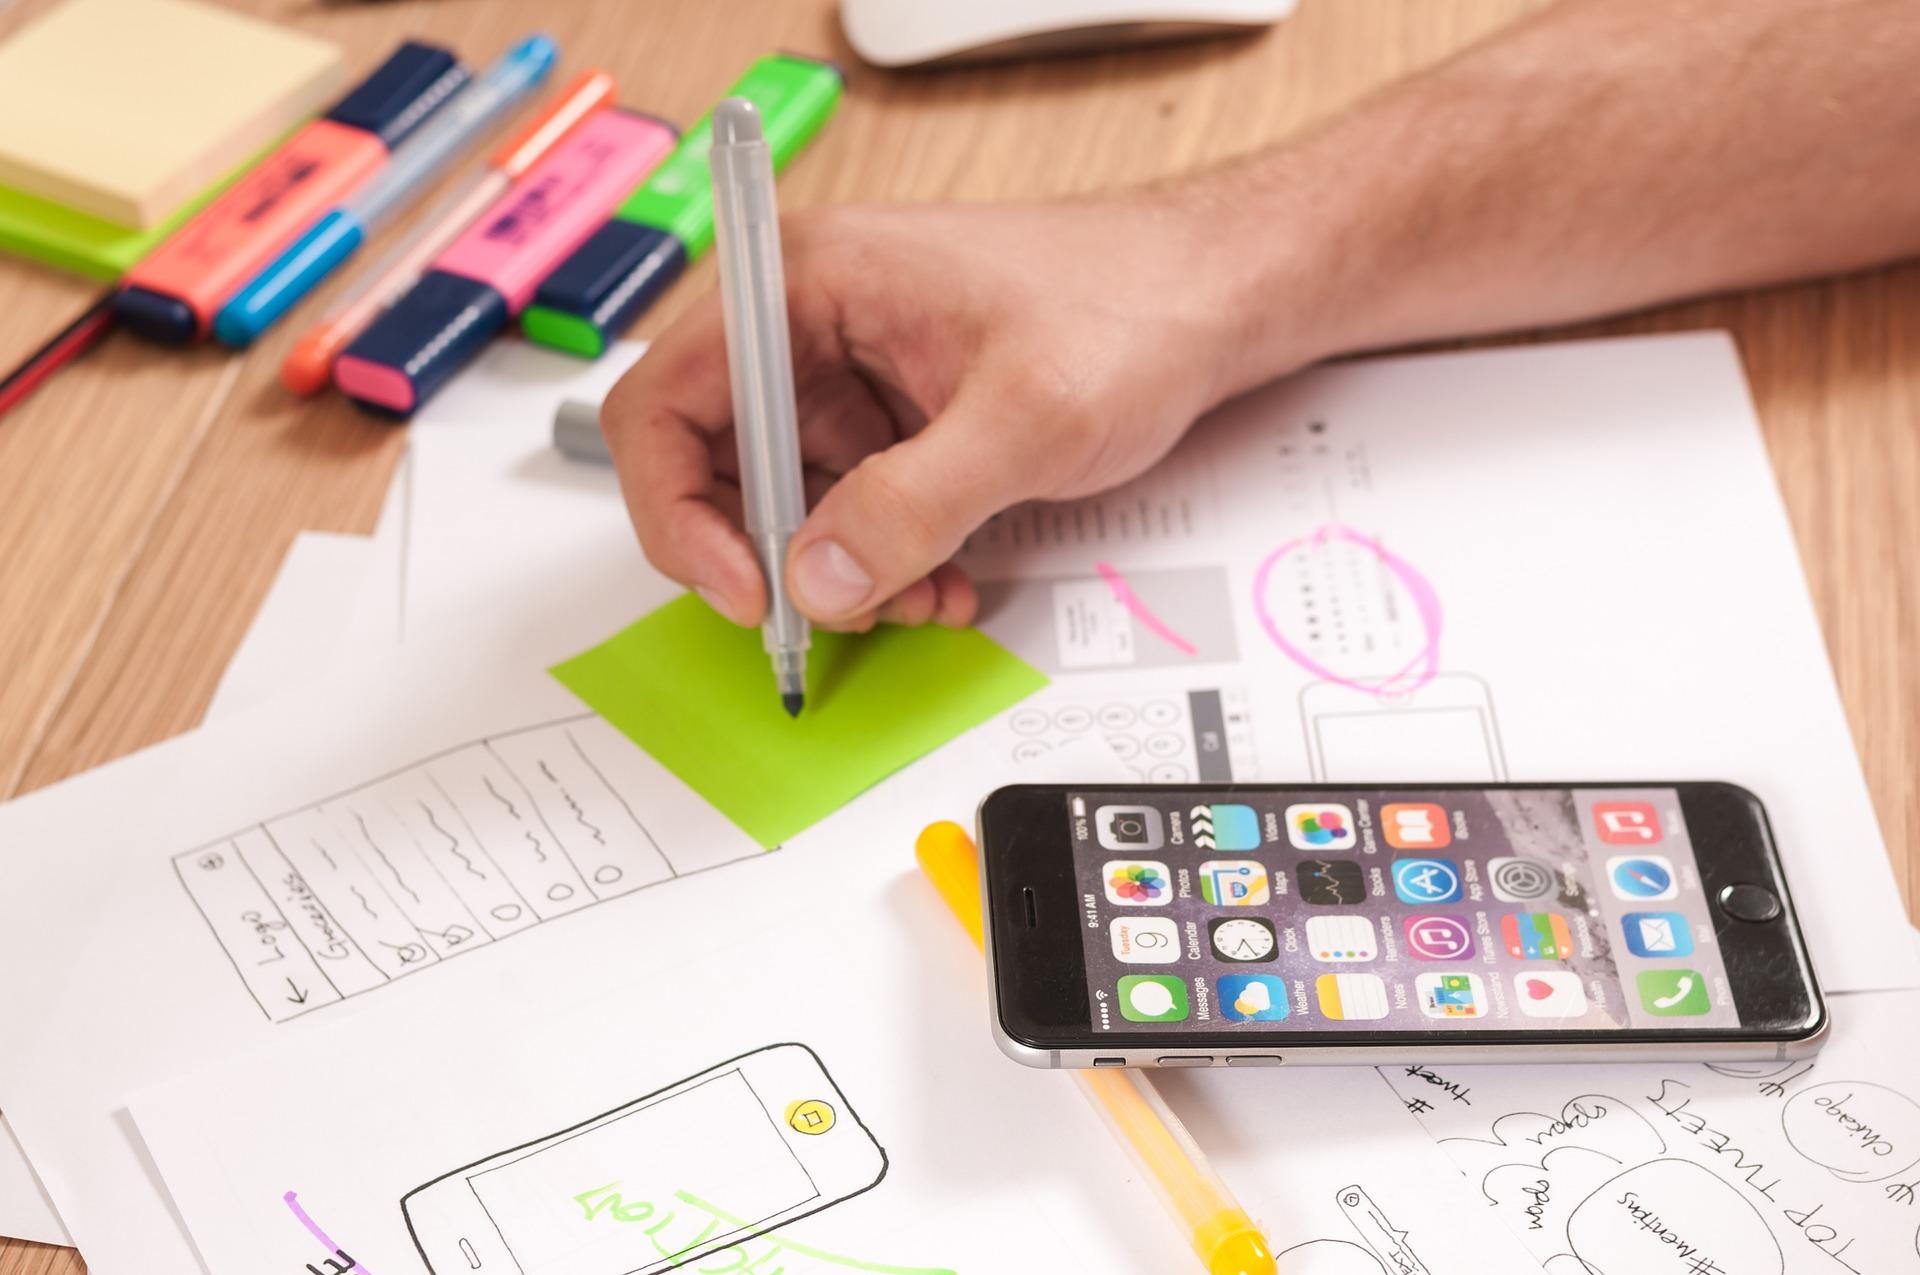 5 chýb pri marketingu aplikáciach, ktoré narúšajú UX